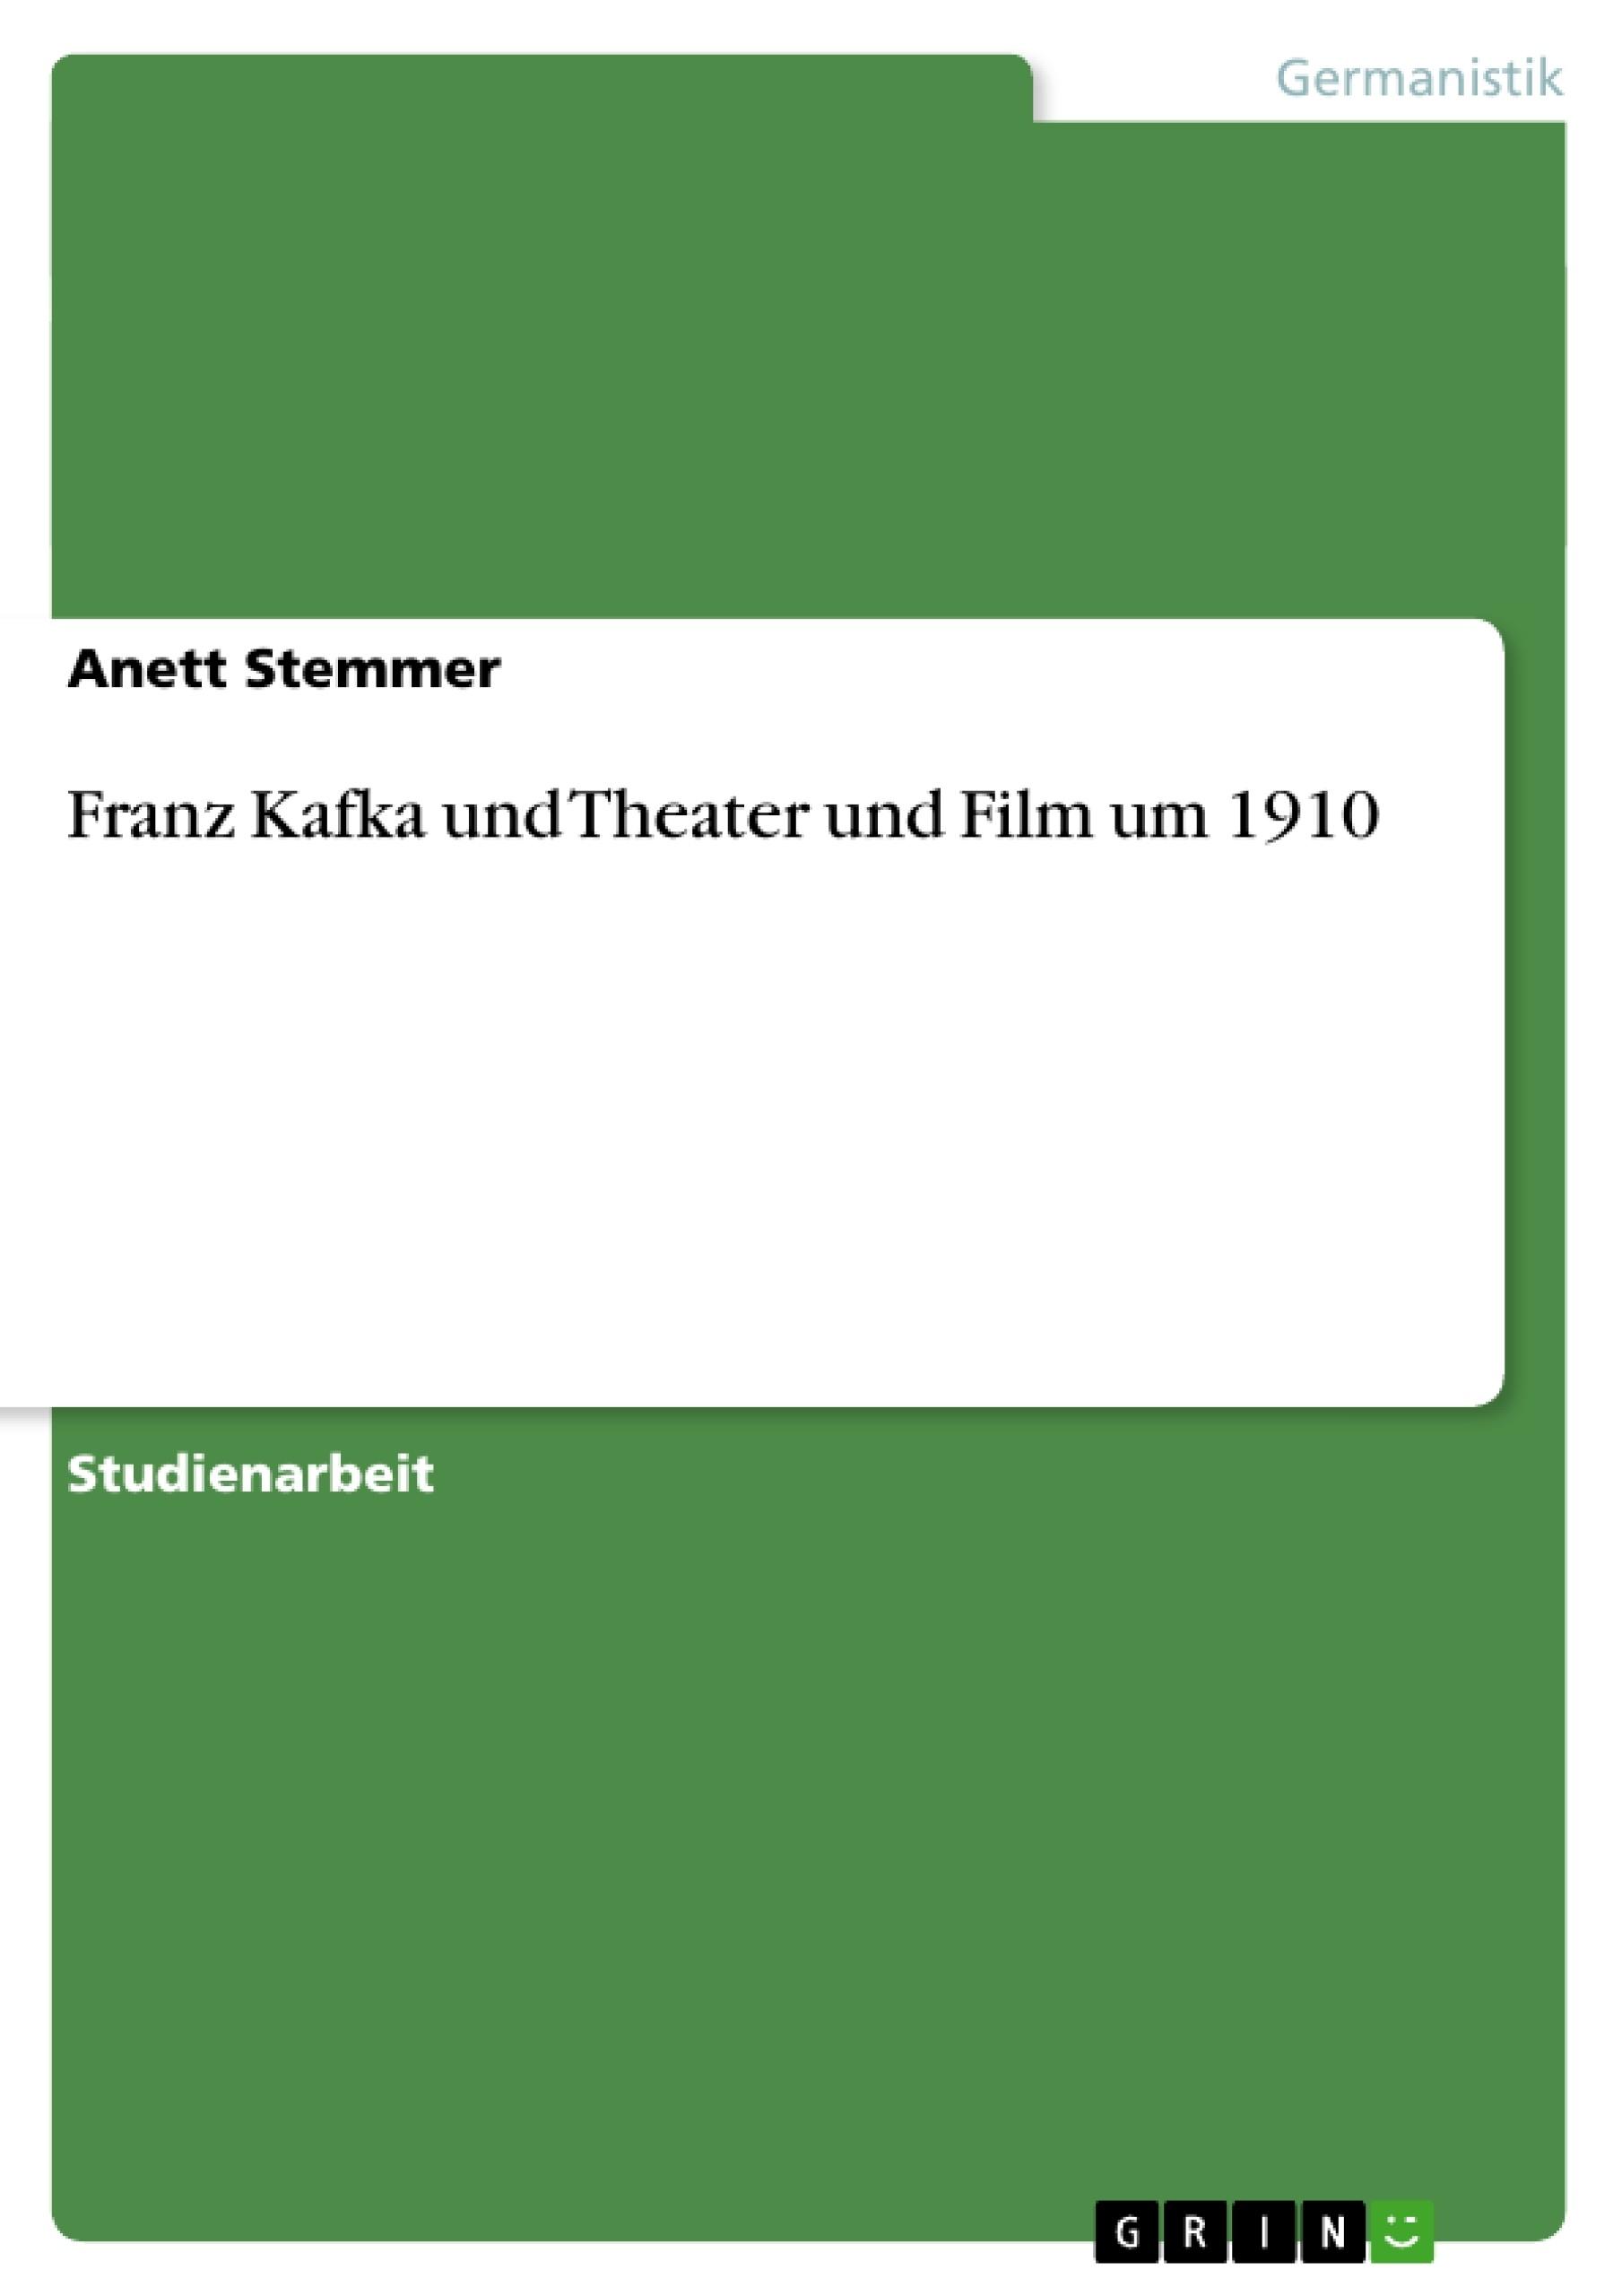 Titel: Franz Kafka und Theater und Film um 1910